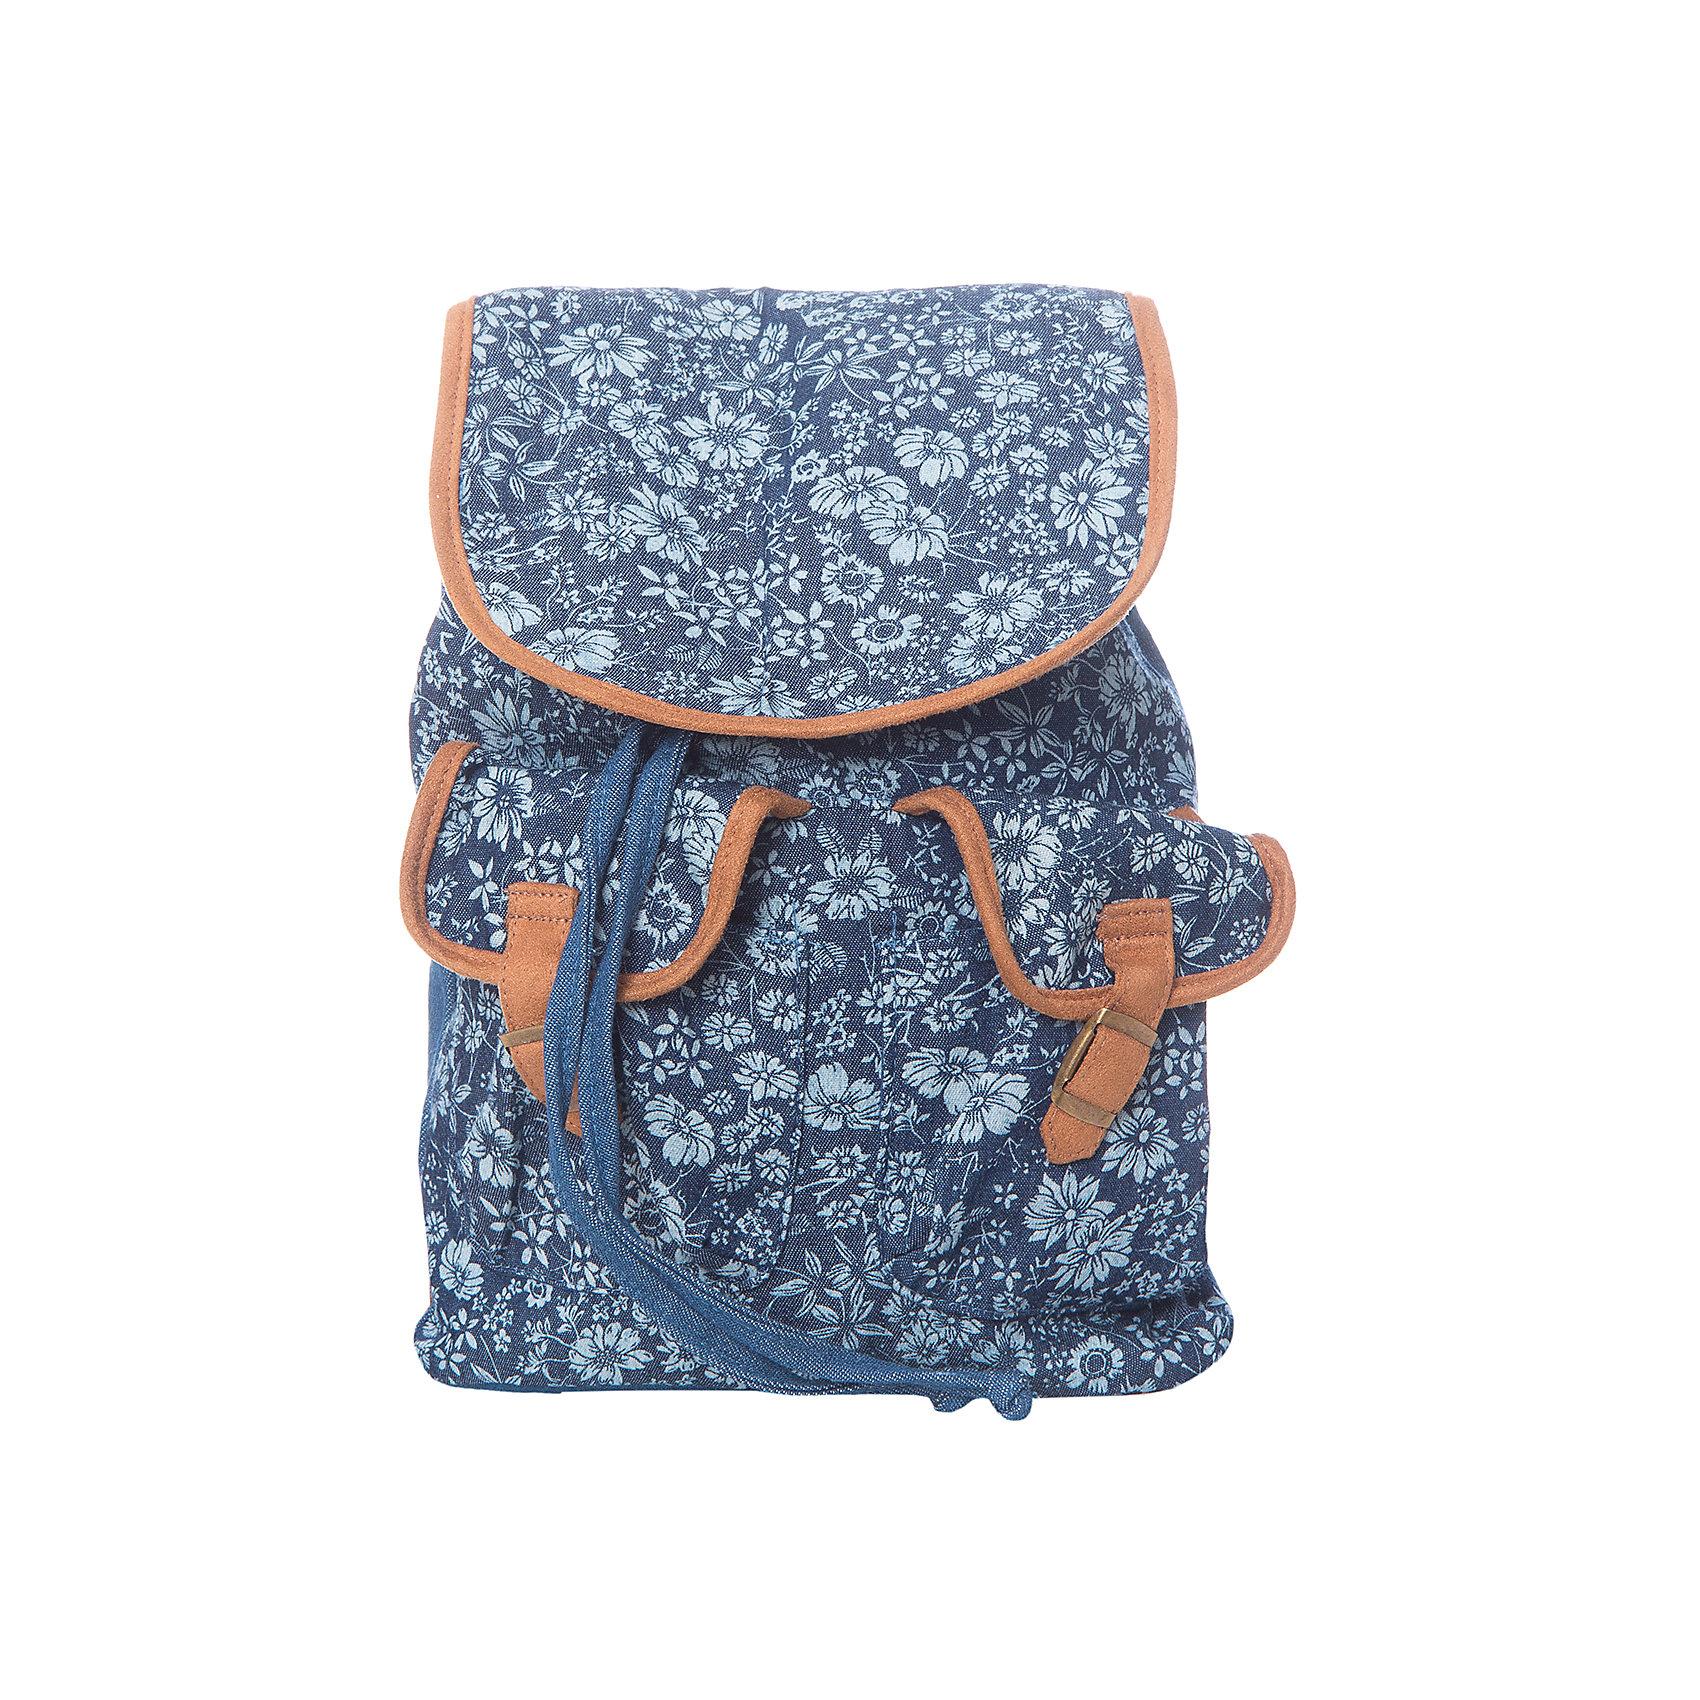 Рюкзак для девочки PlayTodayАксессуары<br>Рюкзак для девочки PlayToday<br>Этот эффектный рюкзак яркой расцветки с цветочным набивным рисунком понравится Вашему ребенку. В нем поместятся все необходимые принадлежности. Выполнен из натуральной хлопковой ткани. Модель с регулируемыми анатомическими лямками.<br>Состав:<br>100% хлопок<br><br>Ширина мм: 227<br>Глубина мм: 11<br>Высота мм: 226<br>Вес г: 350<br>Цвет: разноцветный<br>Возраст от месяцев: 6<br>Возраст до месяцев: 9<br>Пол: Женский<br>Возраст: Детский<br>Размер: one size<br>SKU: 5407683